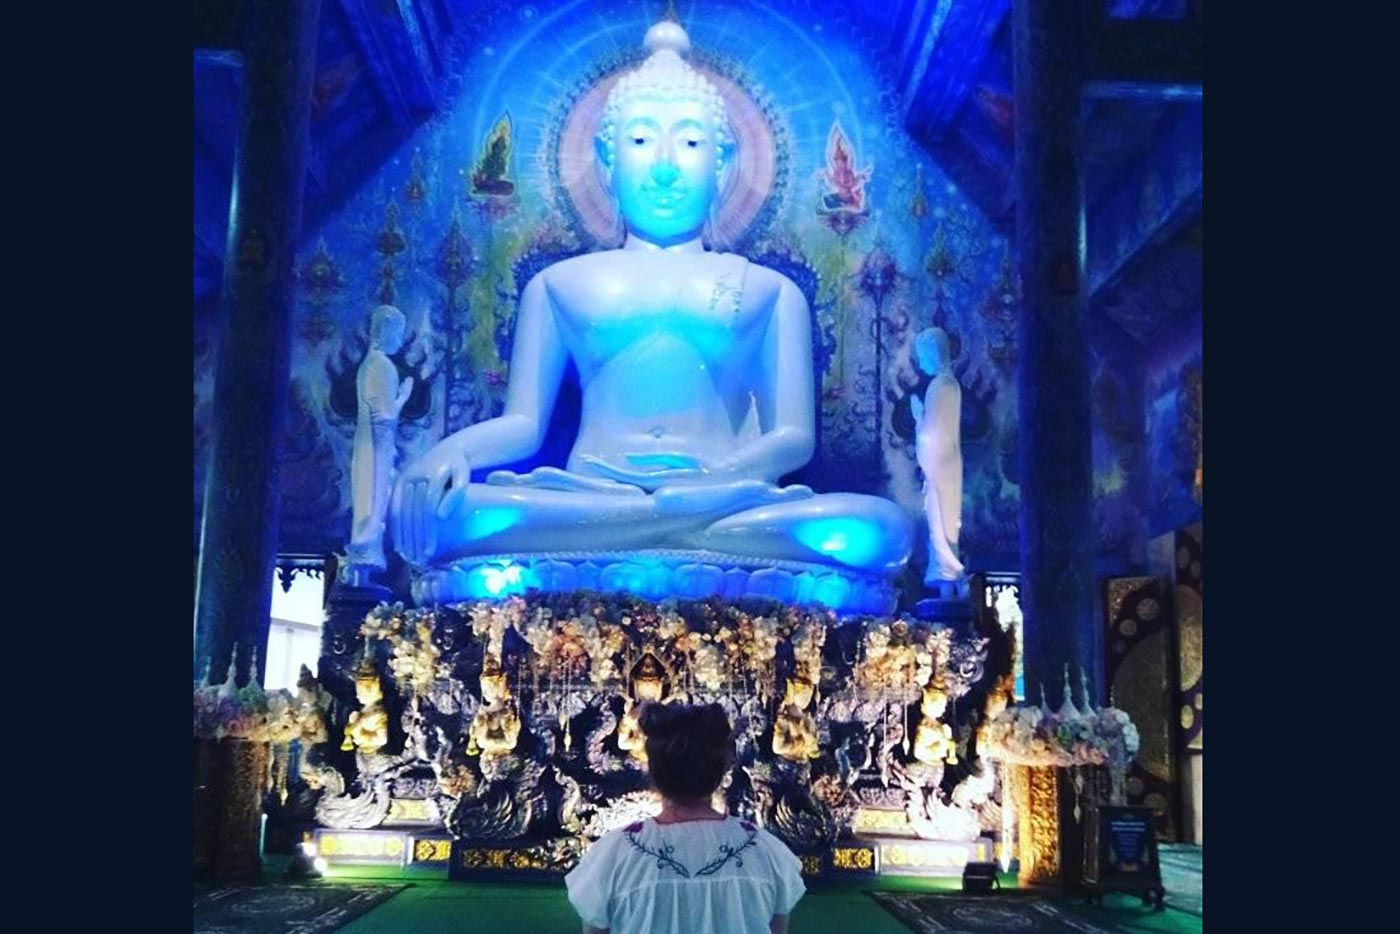 Boquiabiertos ante el Buda azul de Chiang Rai